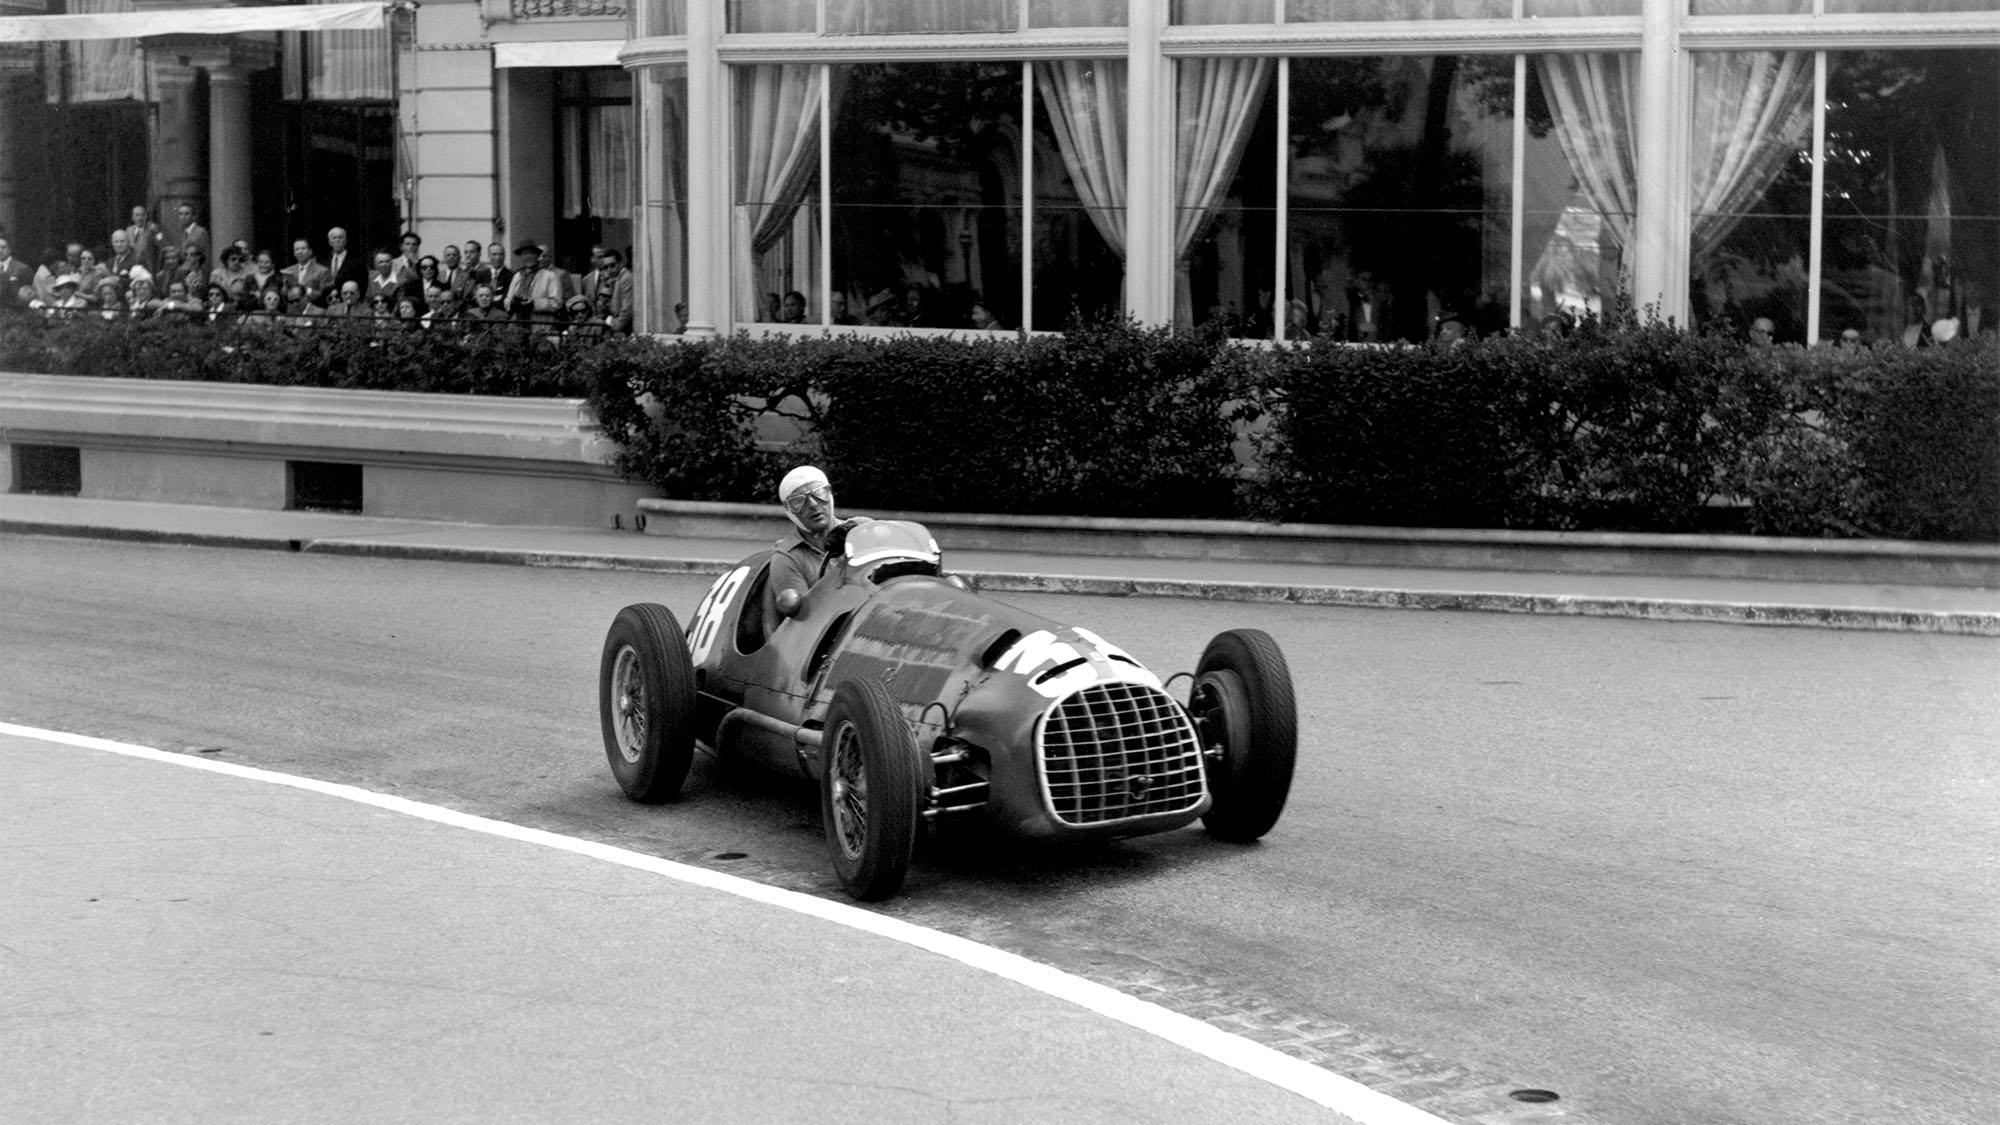 MOTORSPORT - F1 1950 - MONACO GRAND PRIX - 05/21/1950 - MONTE-CARLO (MON) - PHOTO: DPPI / LAT Luigi Villoresi - Ferrari 125 - Action Ferrari first F1 GP